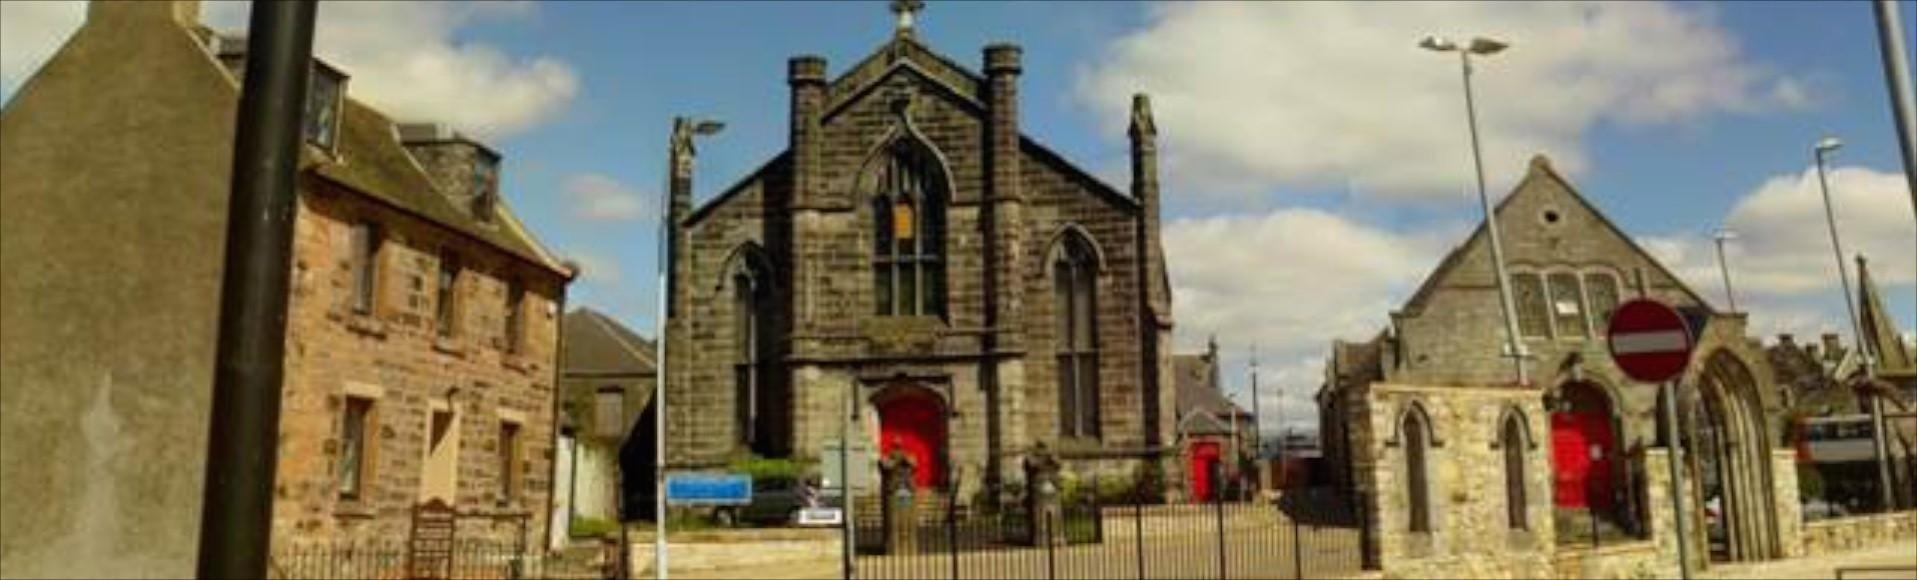 Dunfermline : Gillespie Memorial